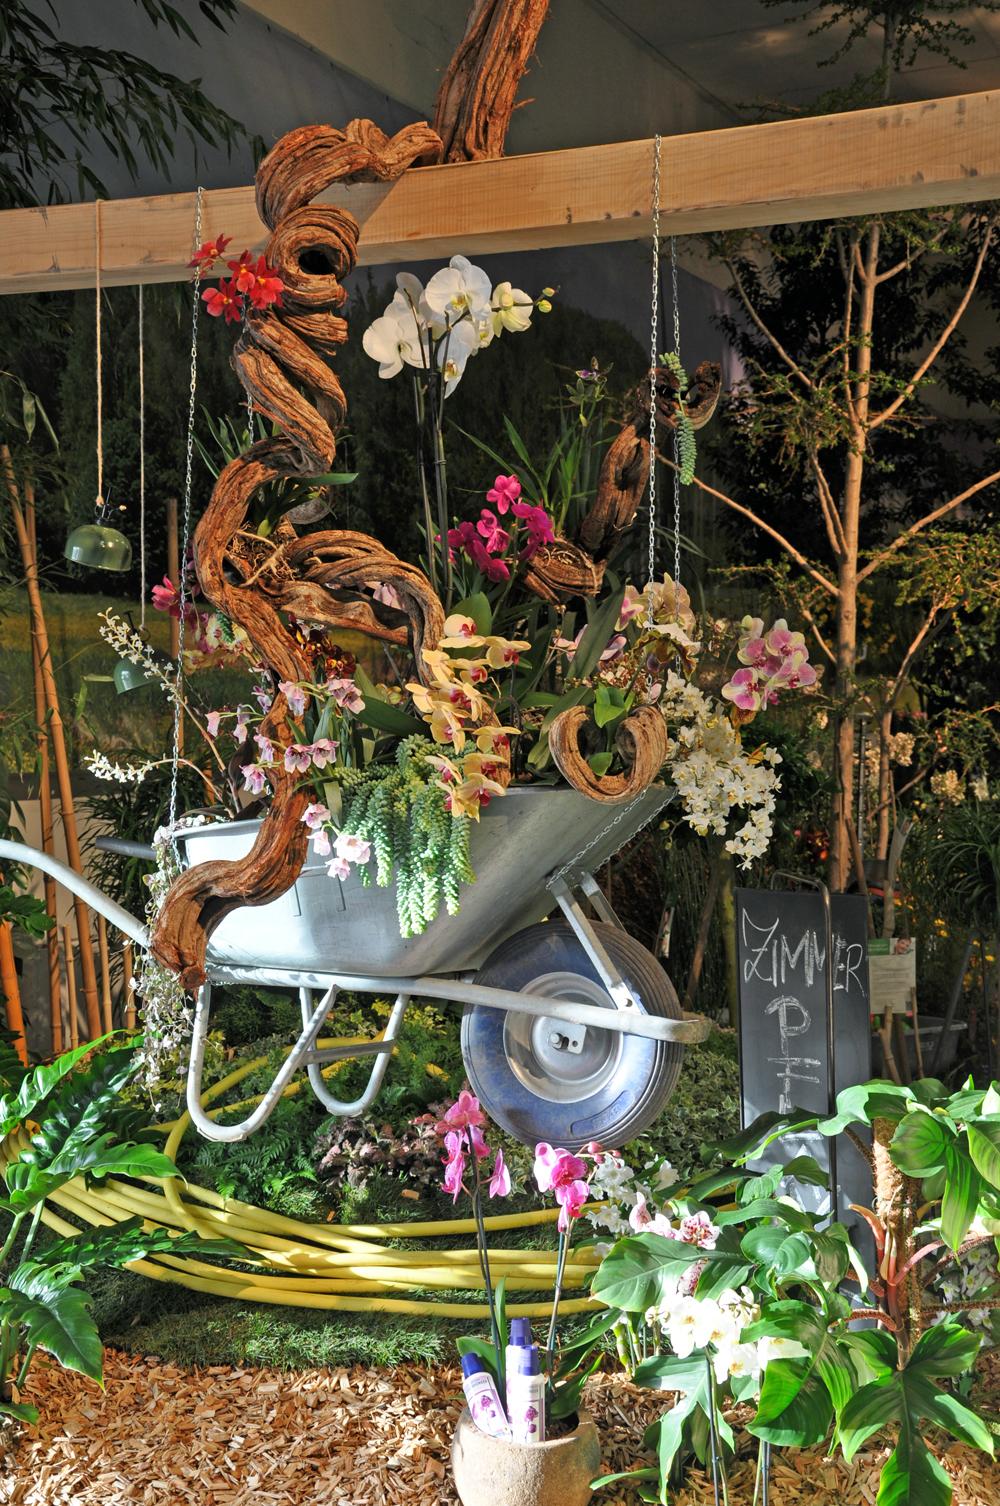 Messe Orchideen